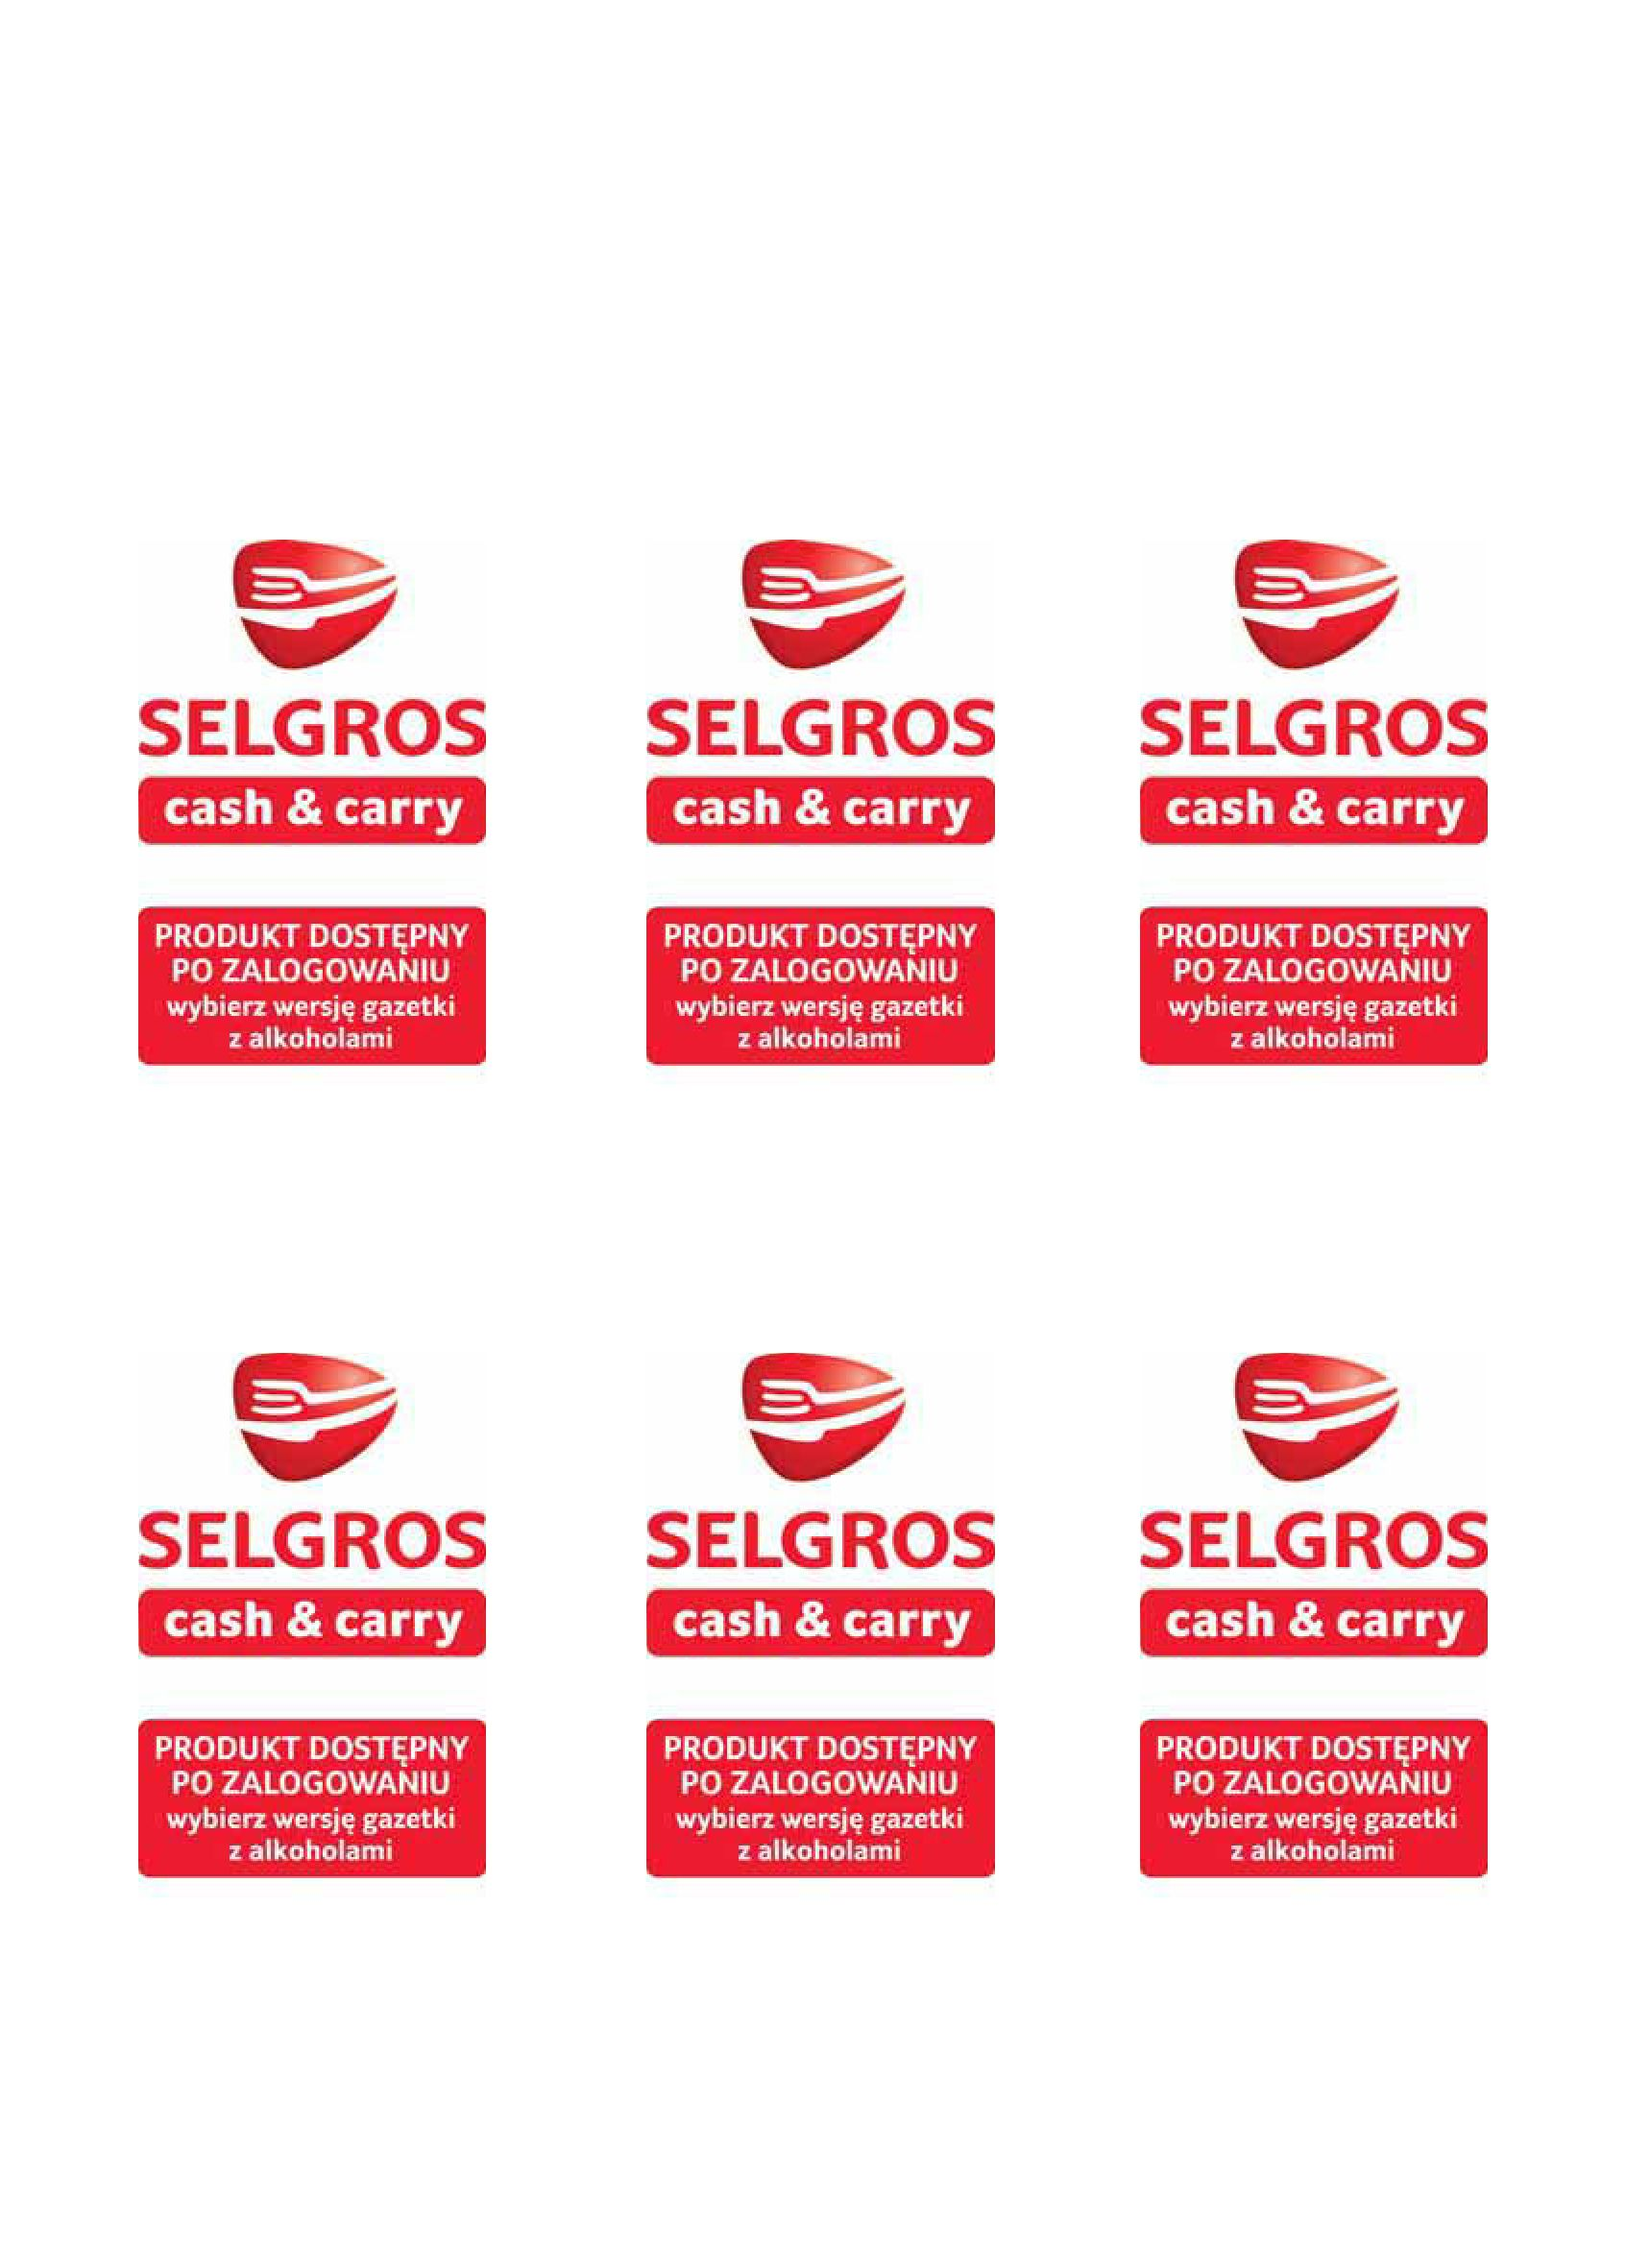 Gazetka Selgros - Oferta spożywcza-05.02.2020-19.02.2020-page-20